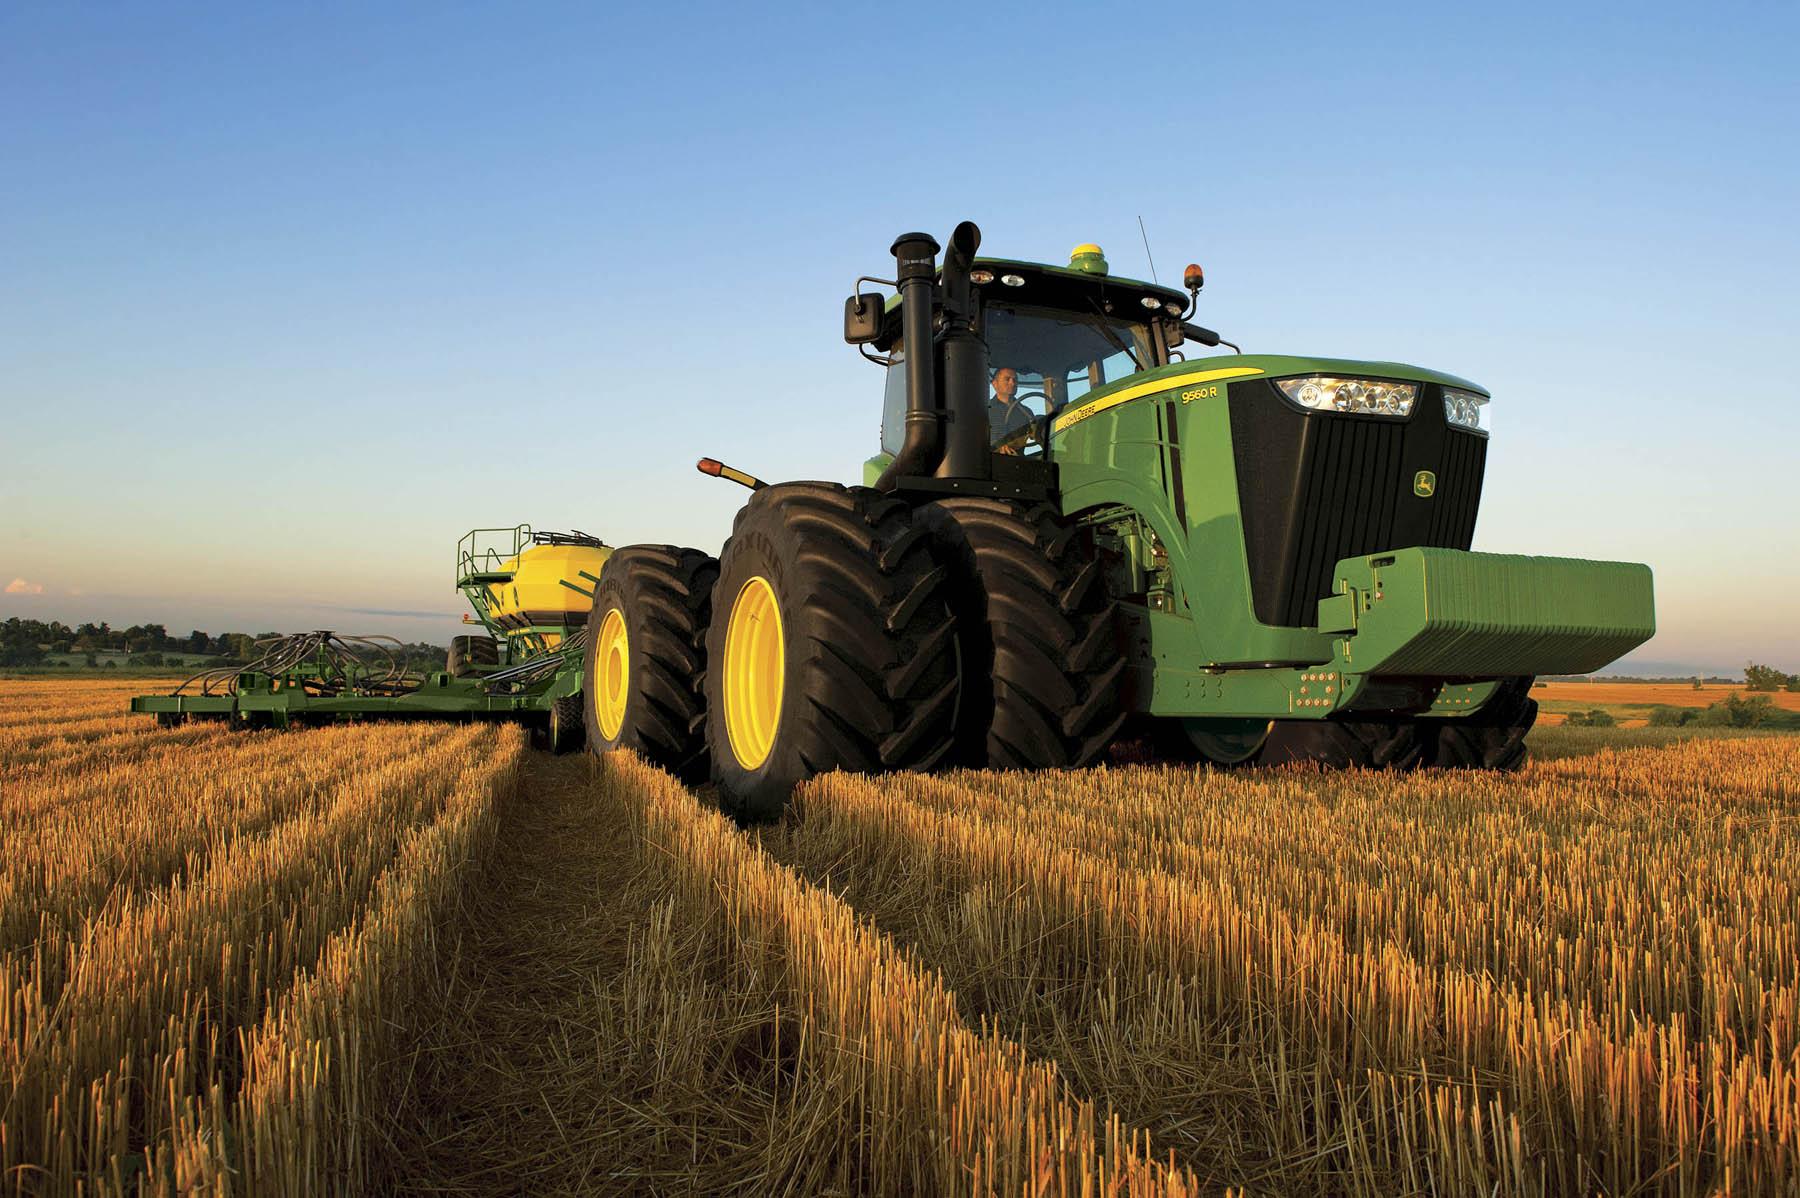 John Deere Tractor Models Visual Guide